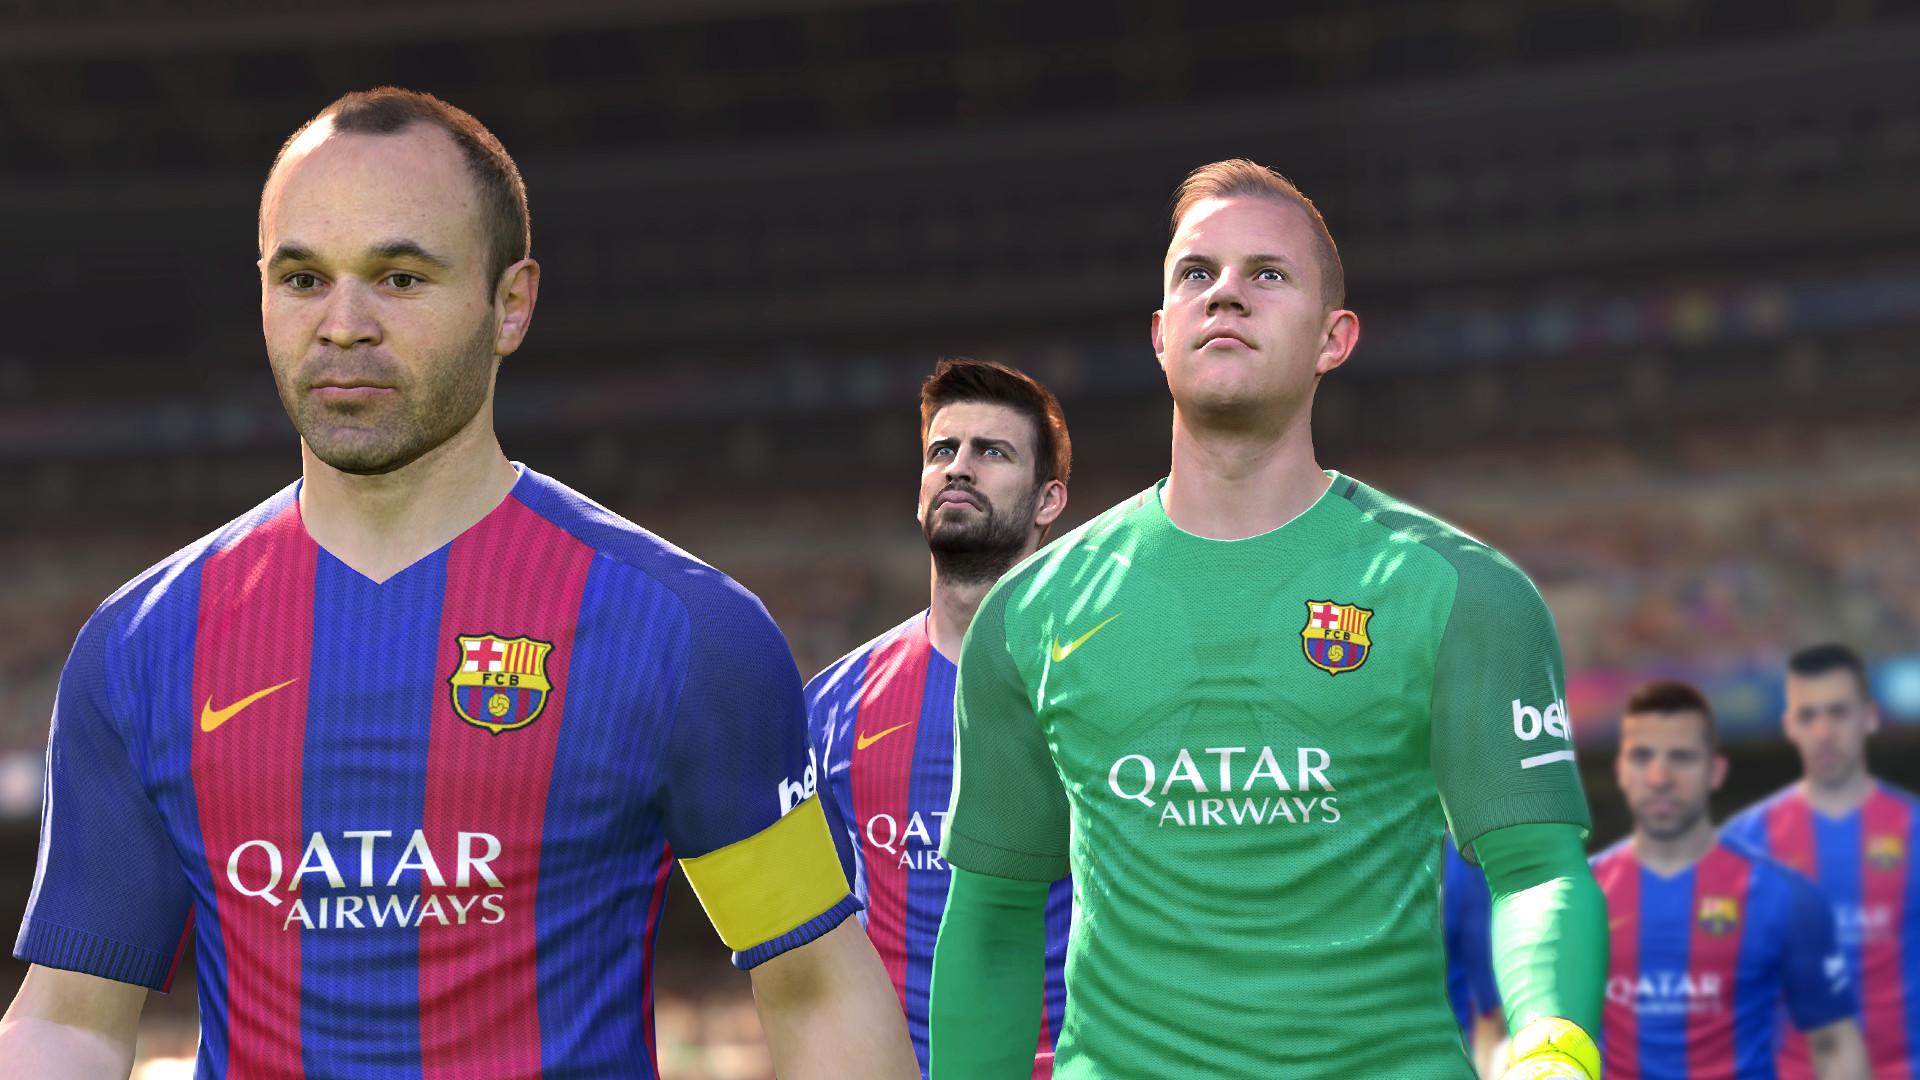 Pro Evolution Soccer 2017 image 1